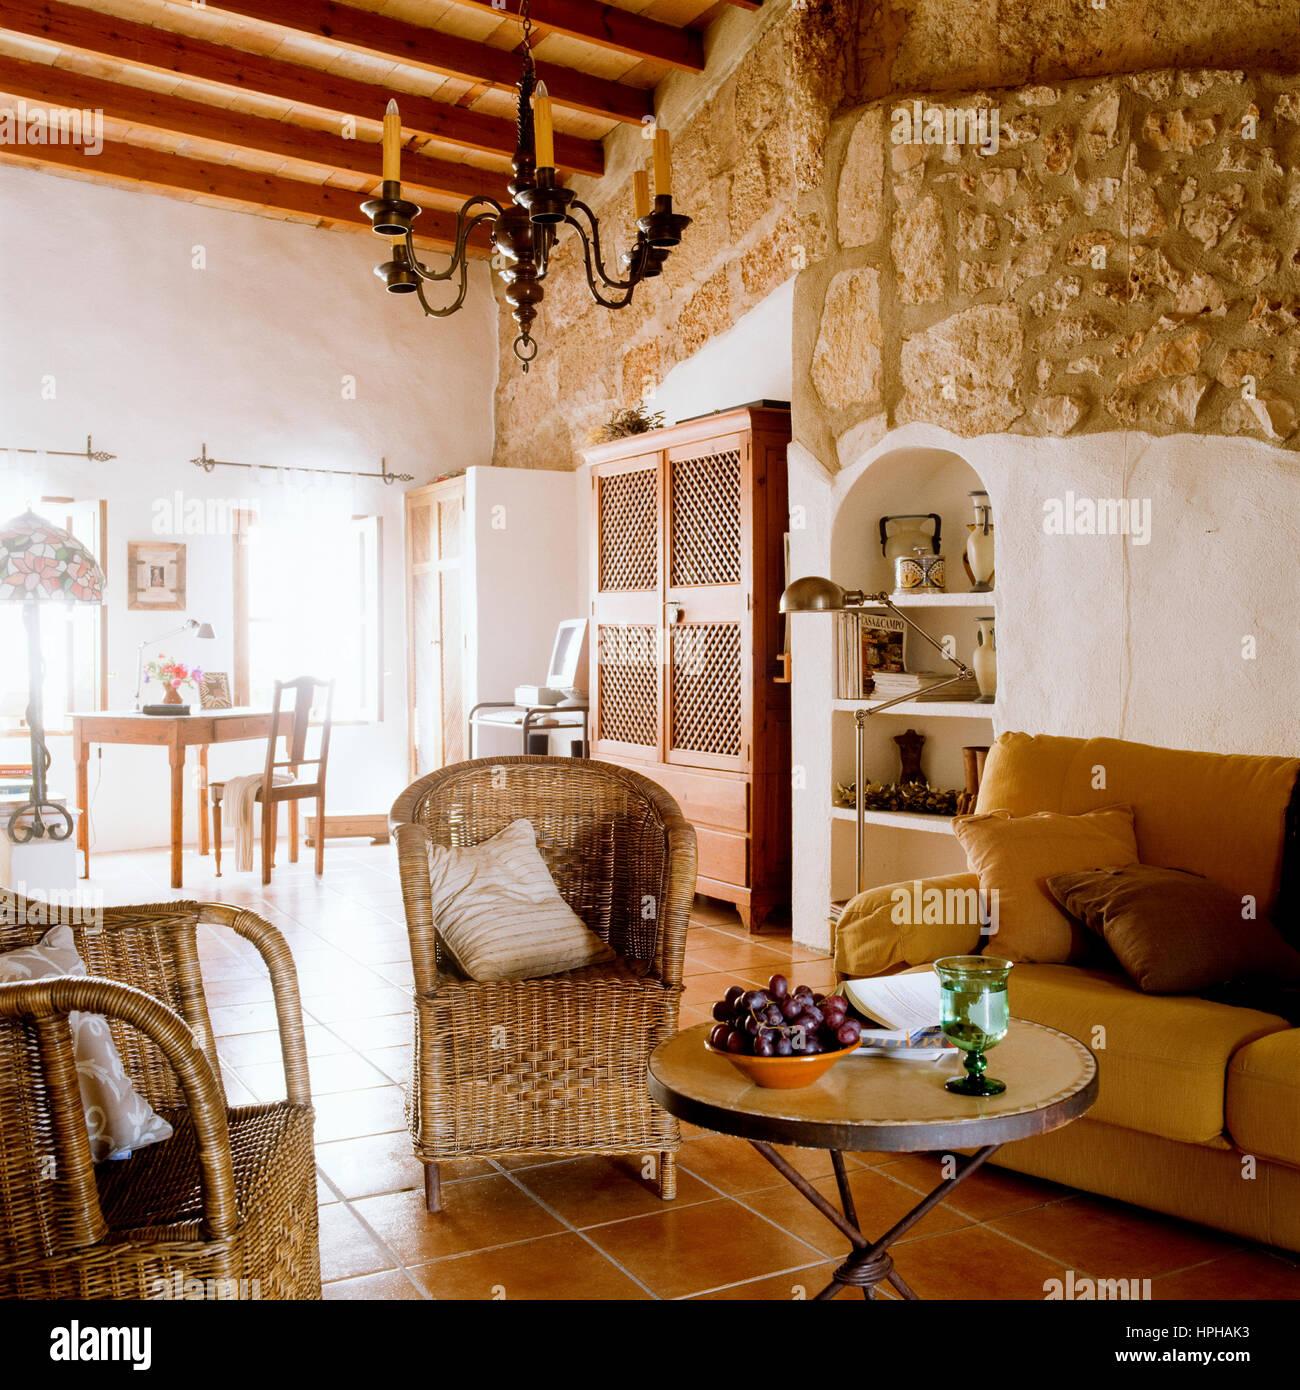 steinwand wohnzimmer video, steinwand innen stockfoto, bild: 134376567 - alamy, Design ideen